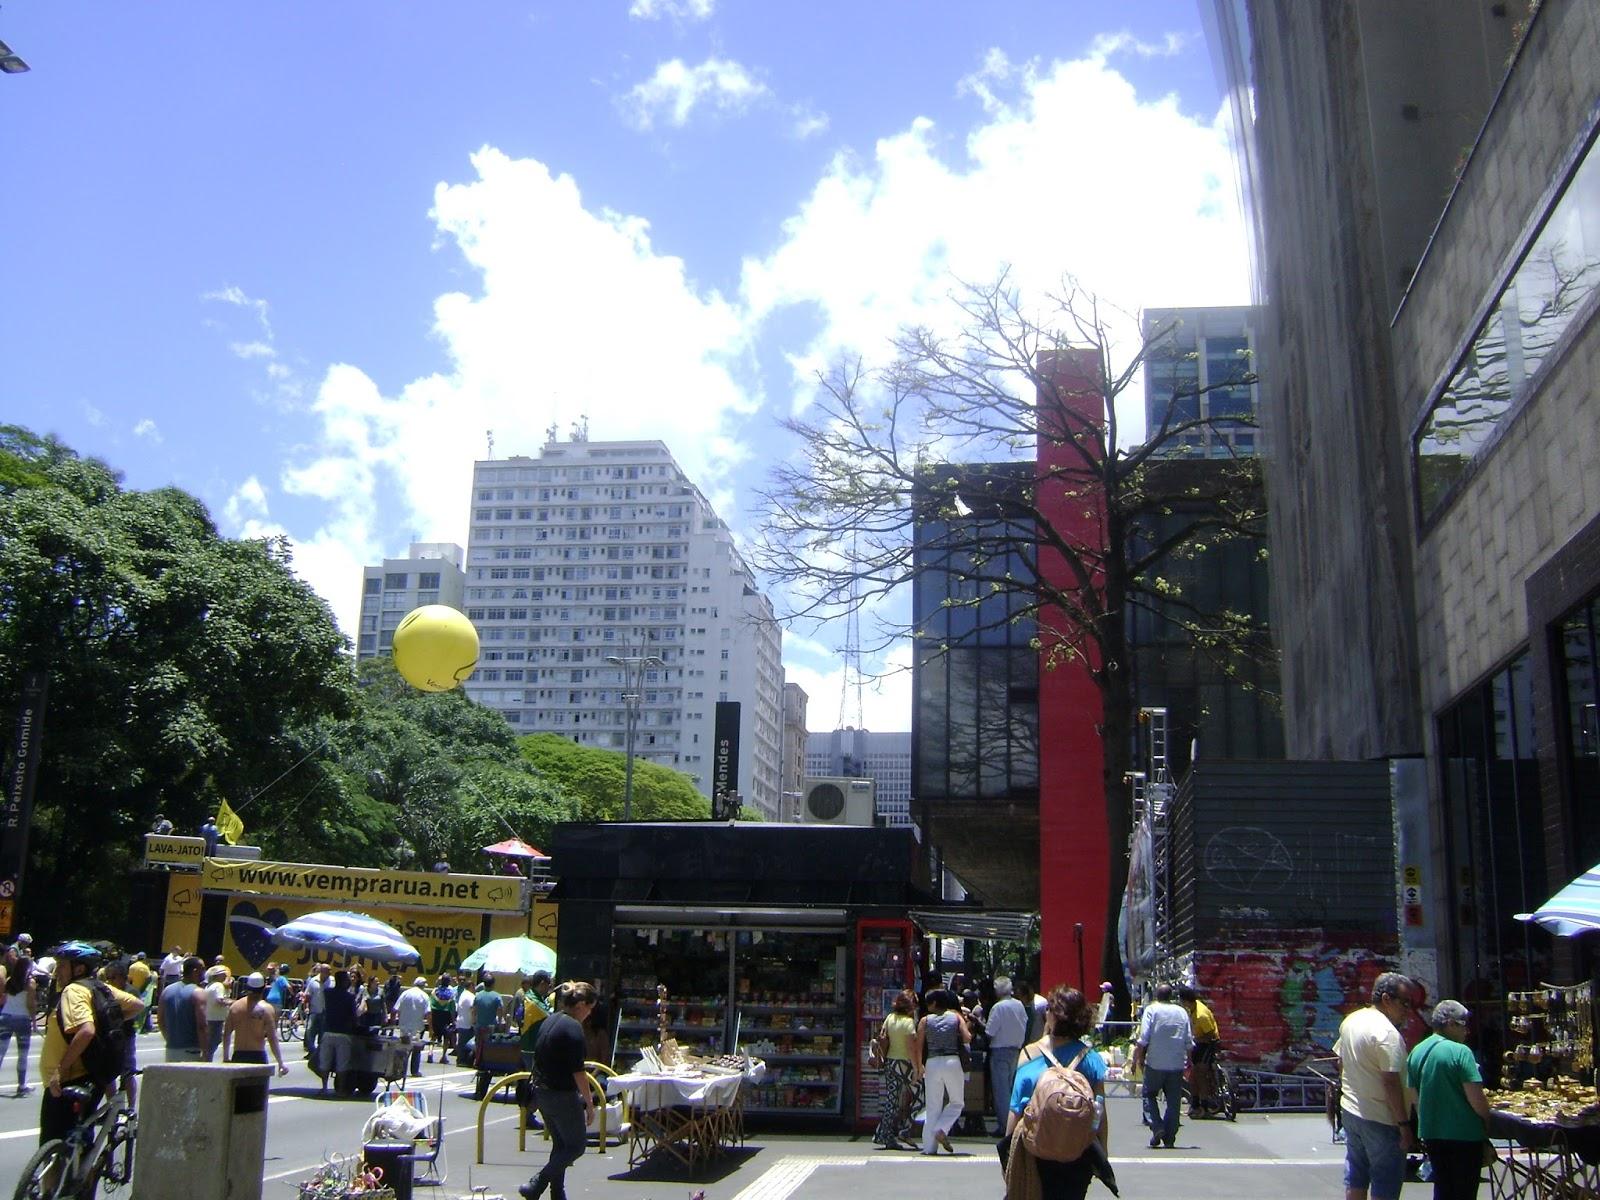 Domingo de manifestação na Paulista,Domingo de manifestação na Paulista,Domingo de manifestação na Paulista